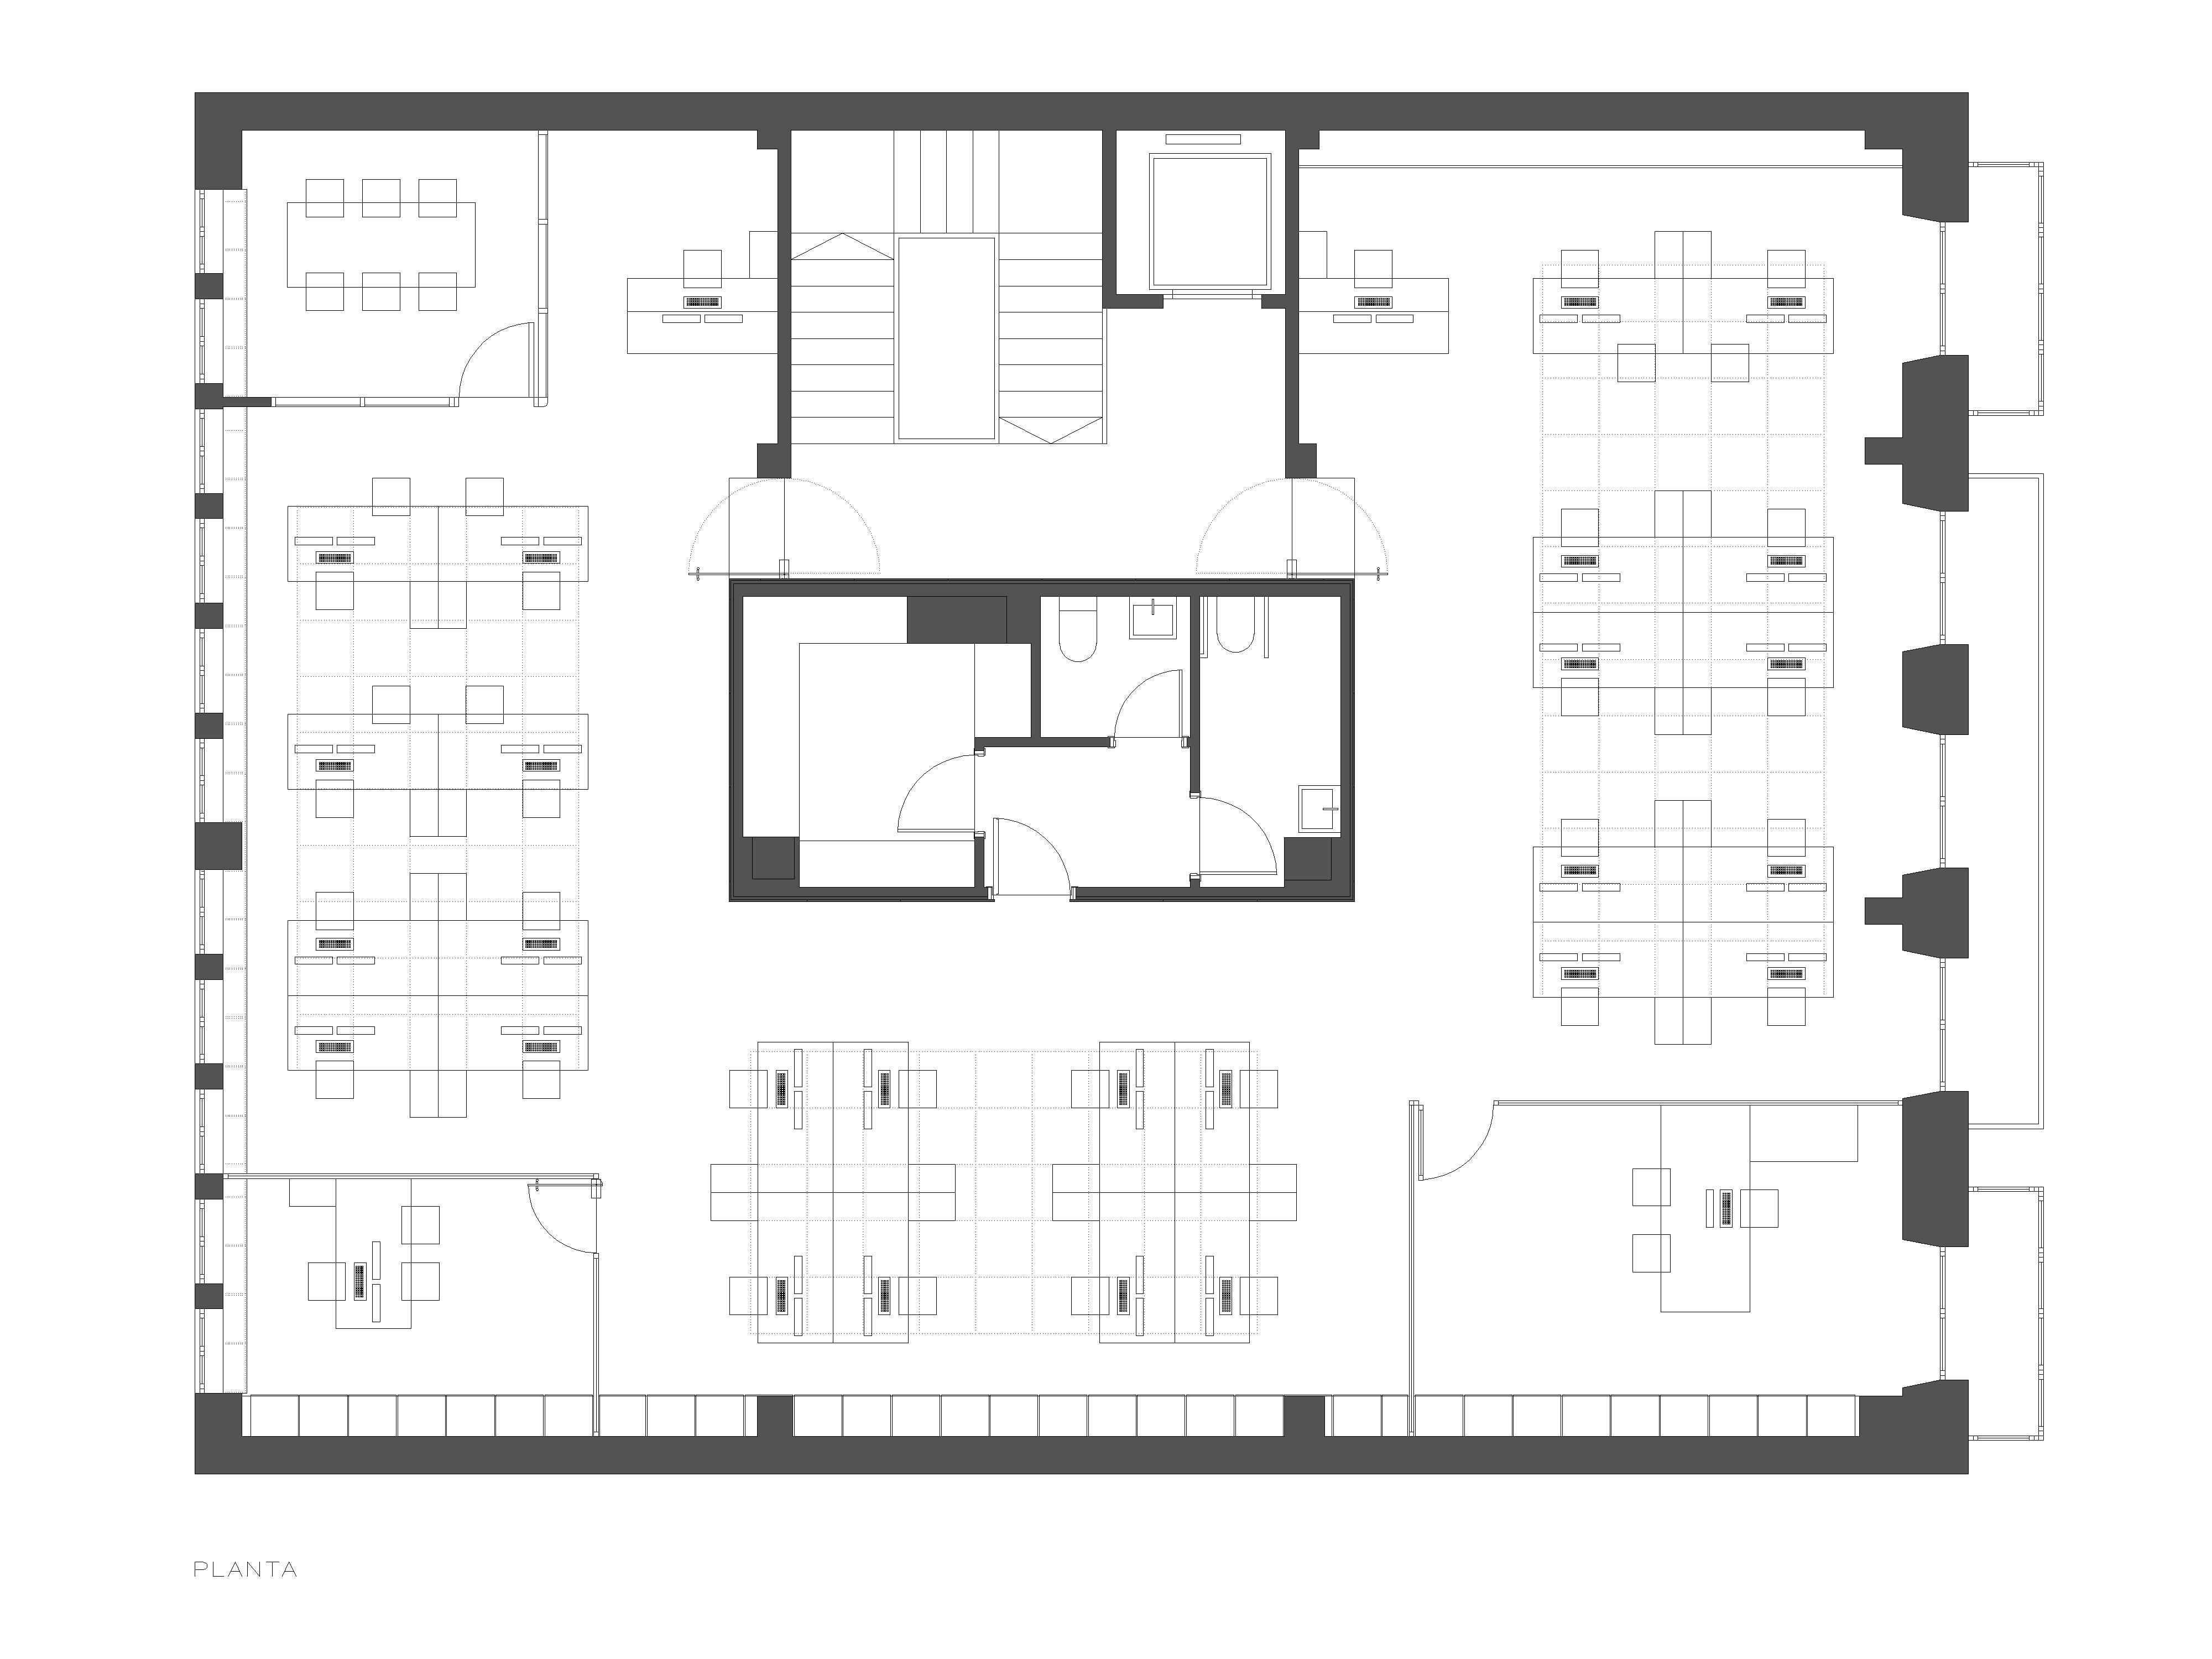 Planta oficina uria tagarro de miguel arquitectos - Plantas oficina ...